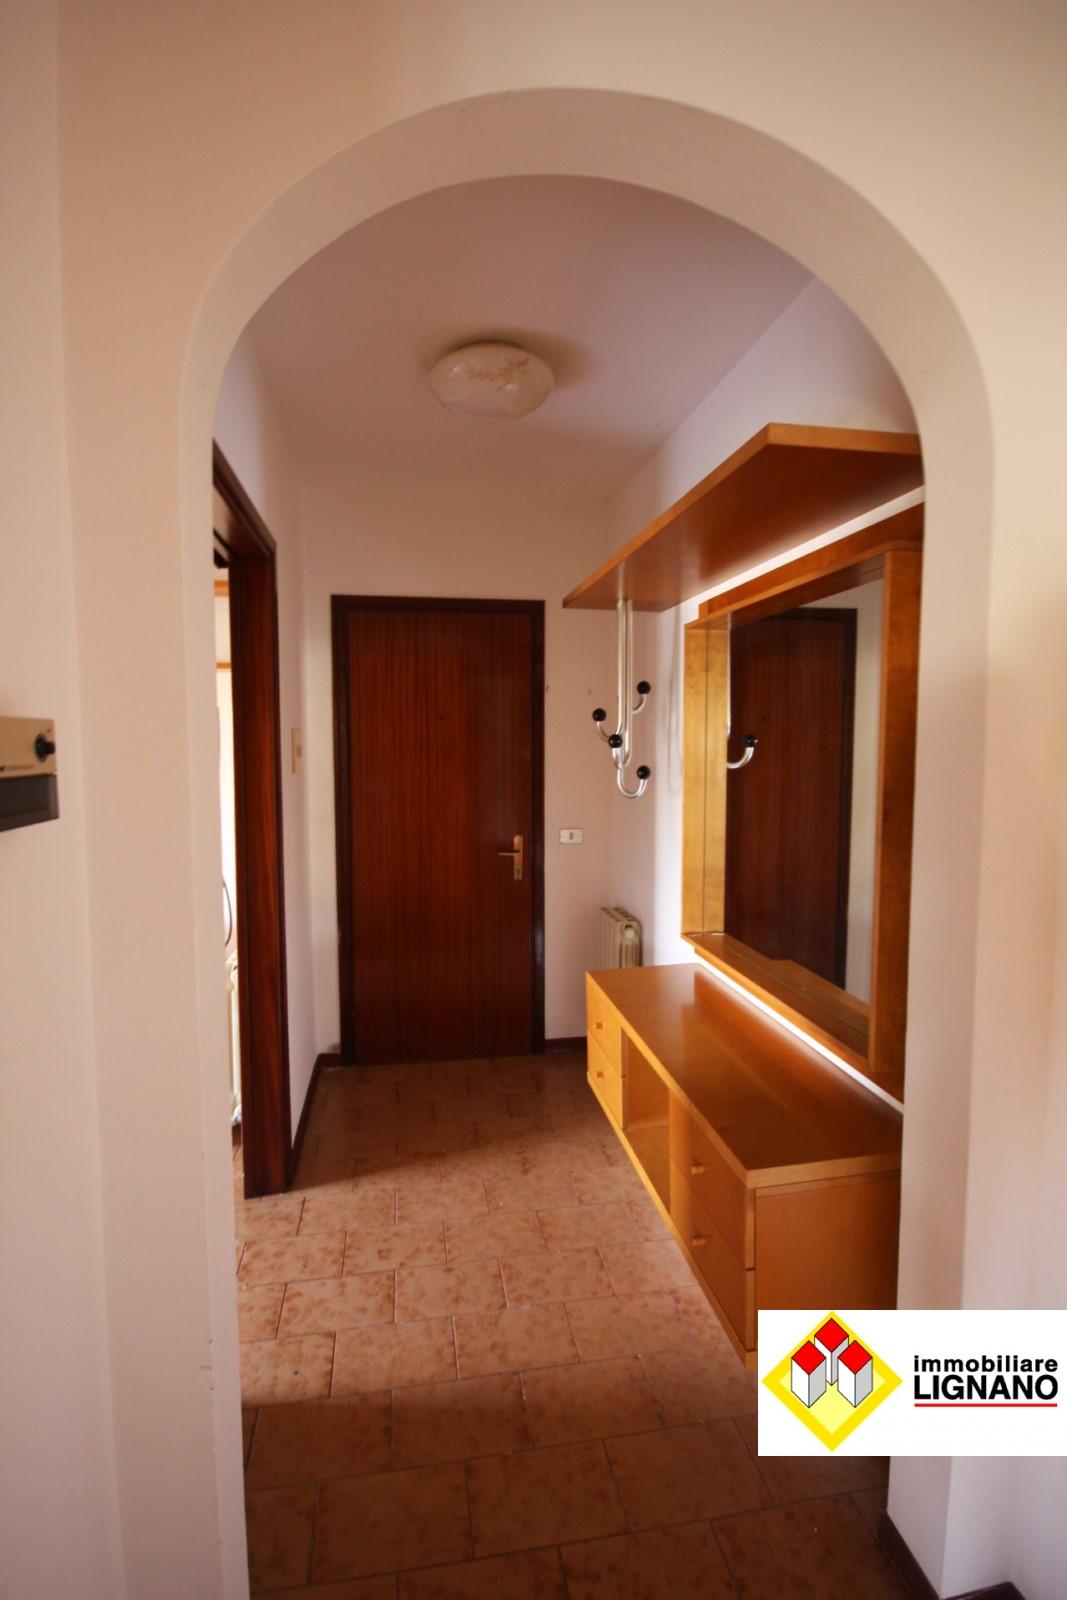 Appartamento in vendita a Ronchis, 5 locali, prezzo € 80.000 | Cambio Casa.it